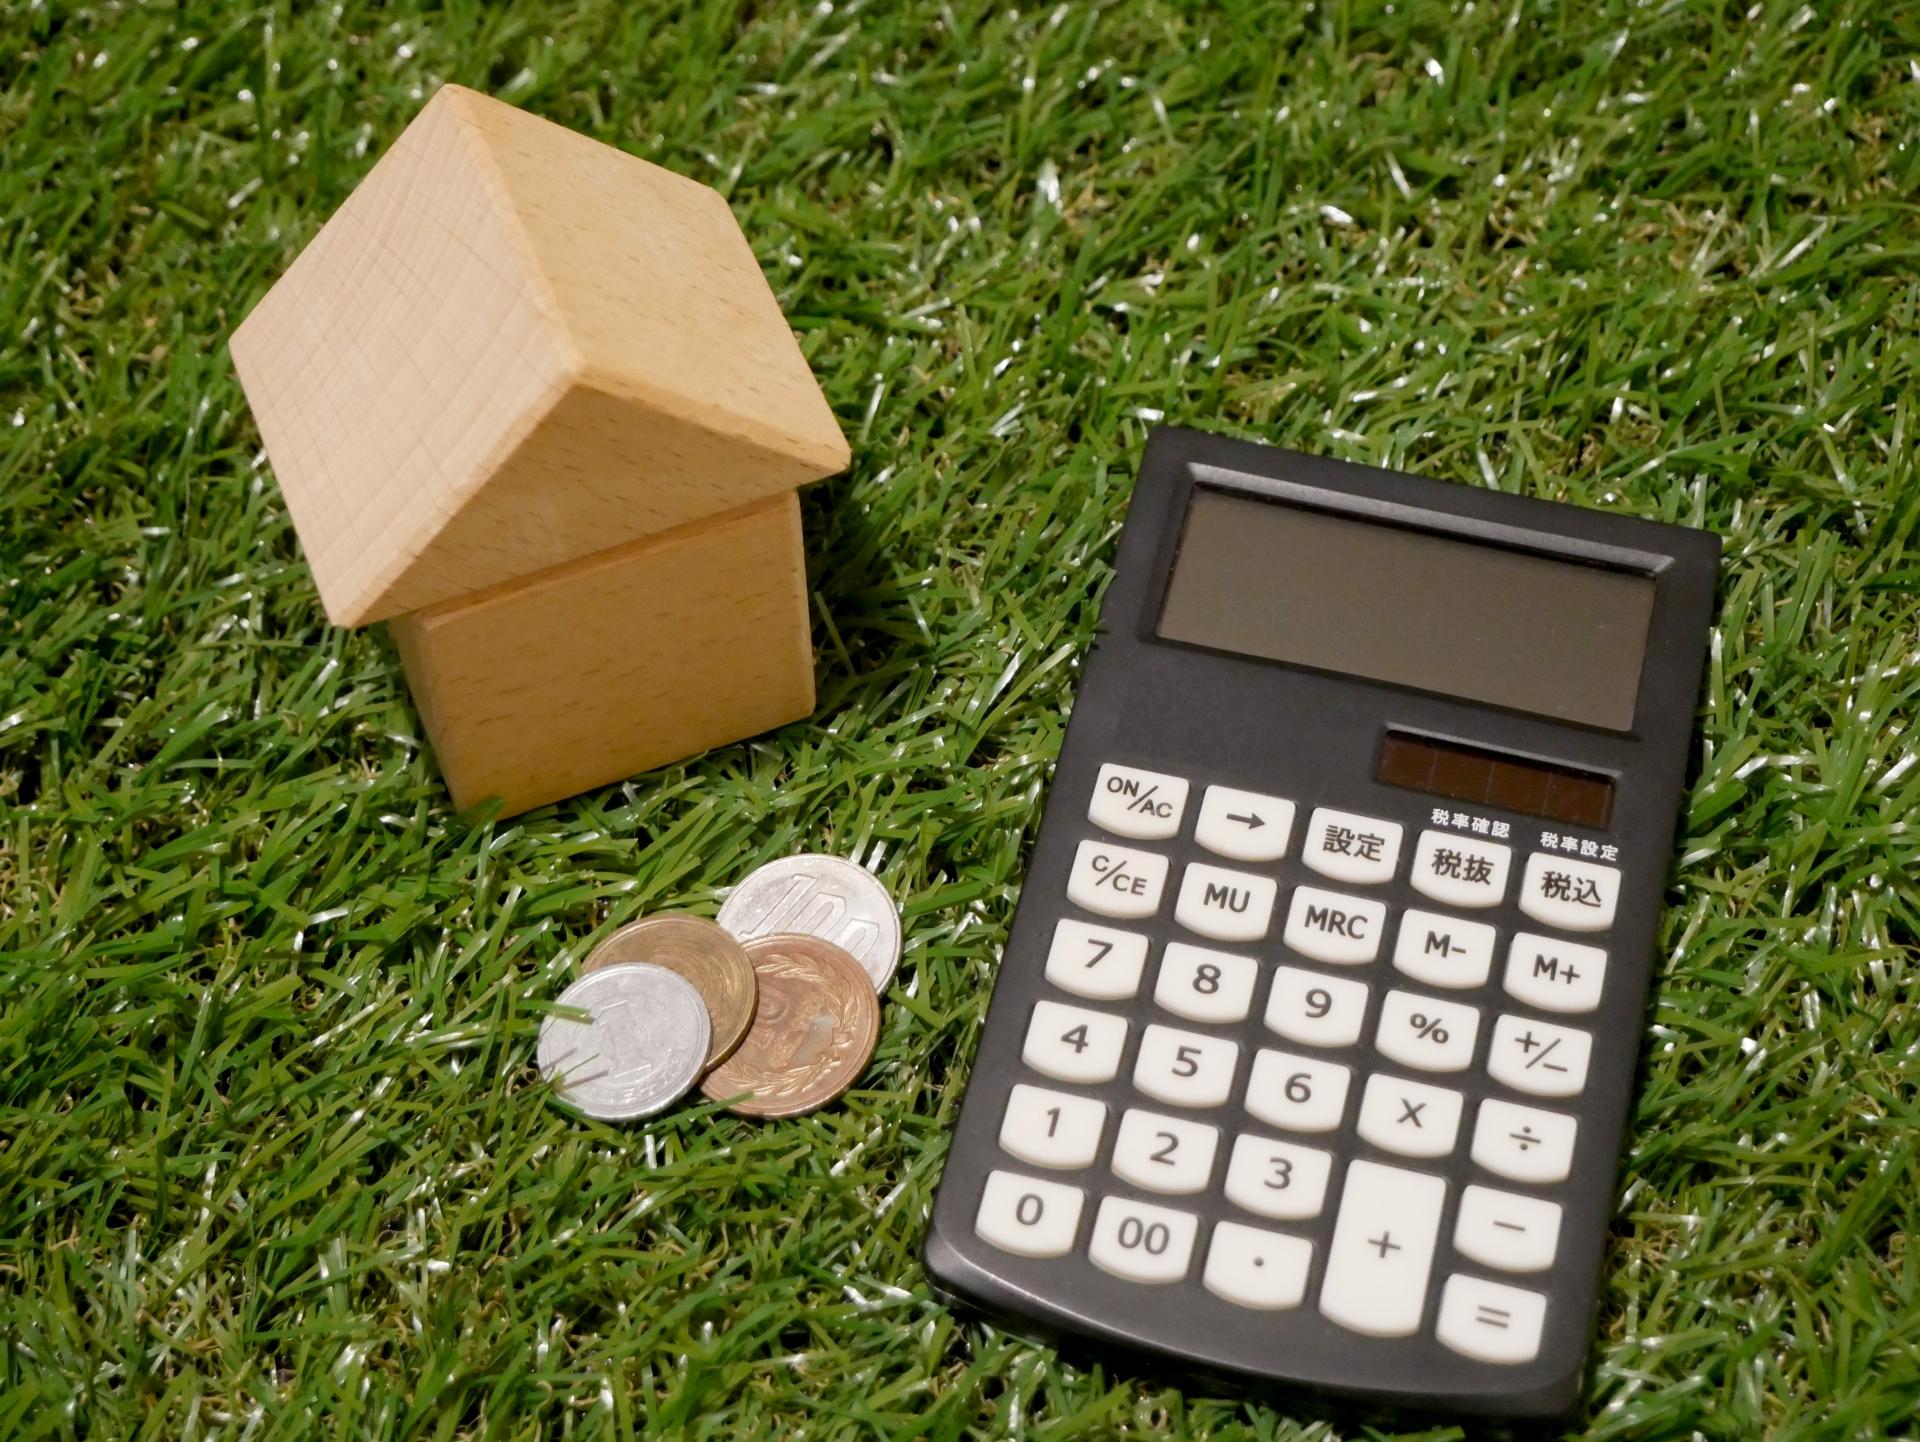 屋根工事で助成金は受け取れる?金額の相場や条件、申請の流れを解説